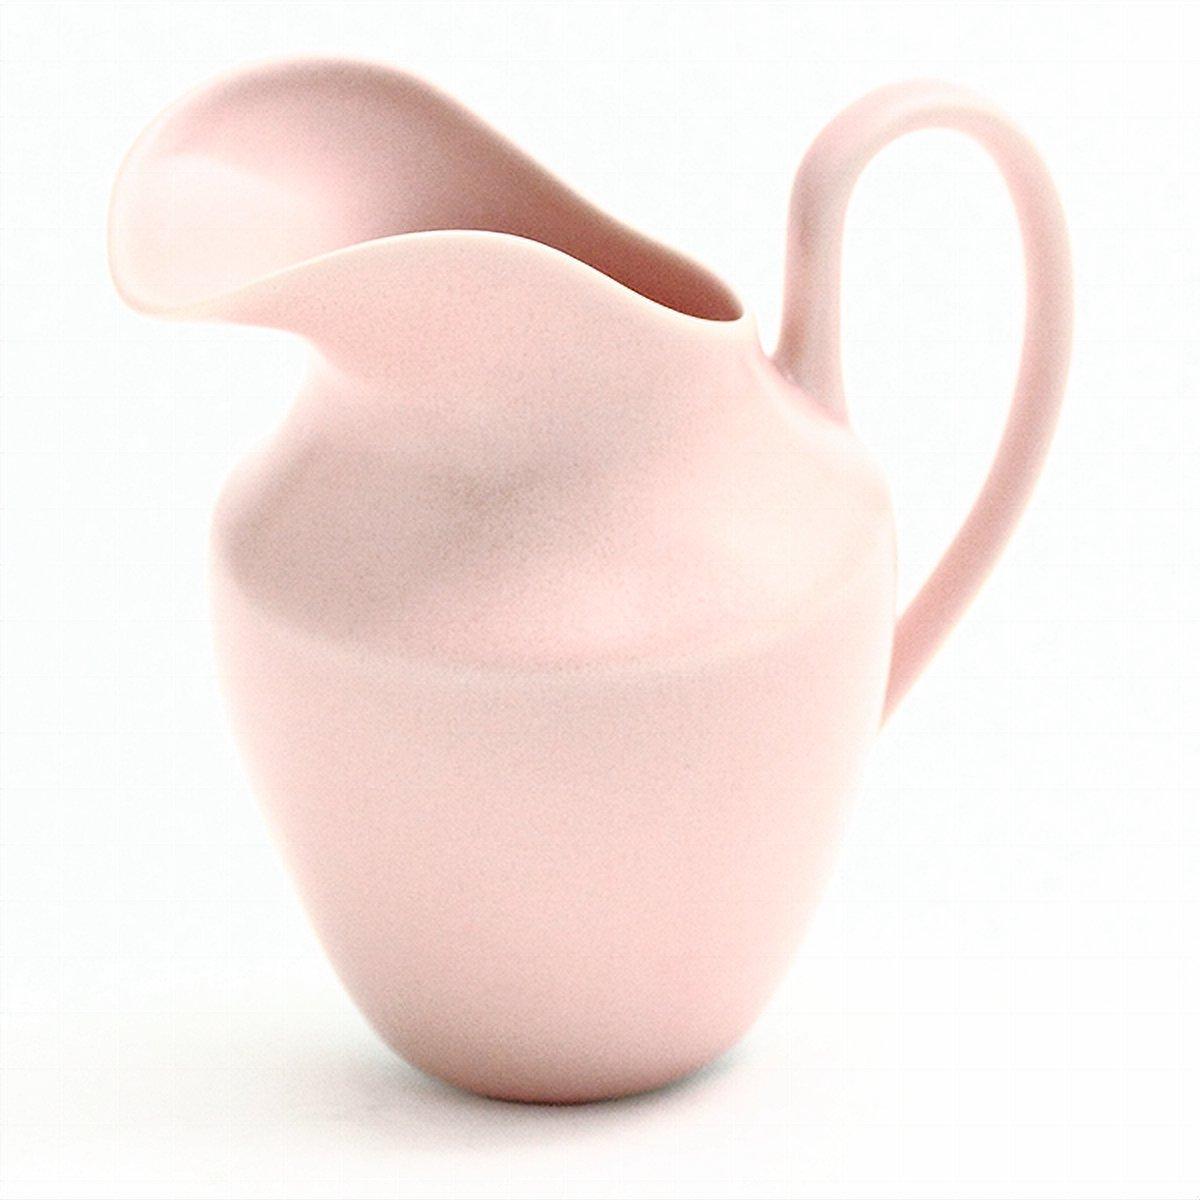 ポット・ドゥ・レ( 桜)Pot de lait M SAKURA 詳細画像1